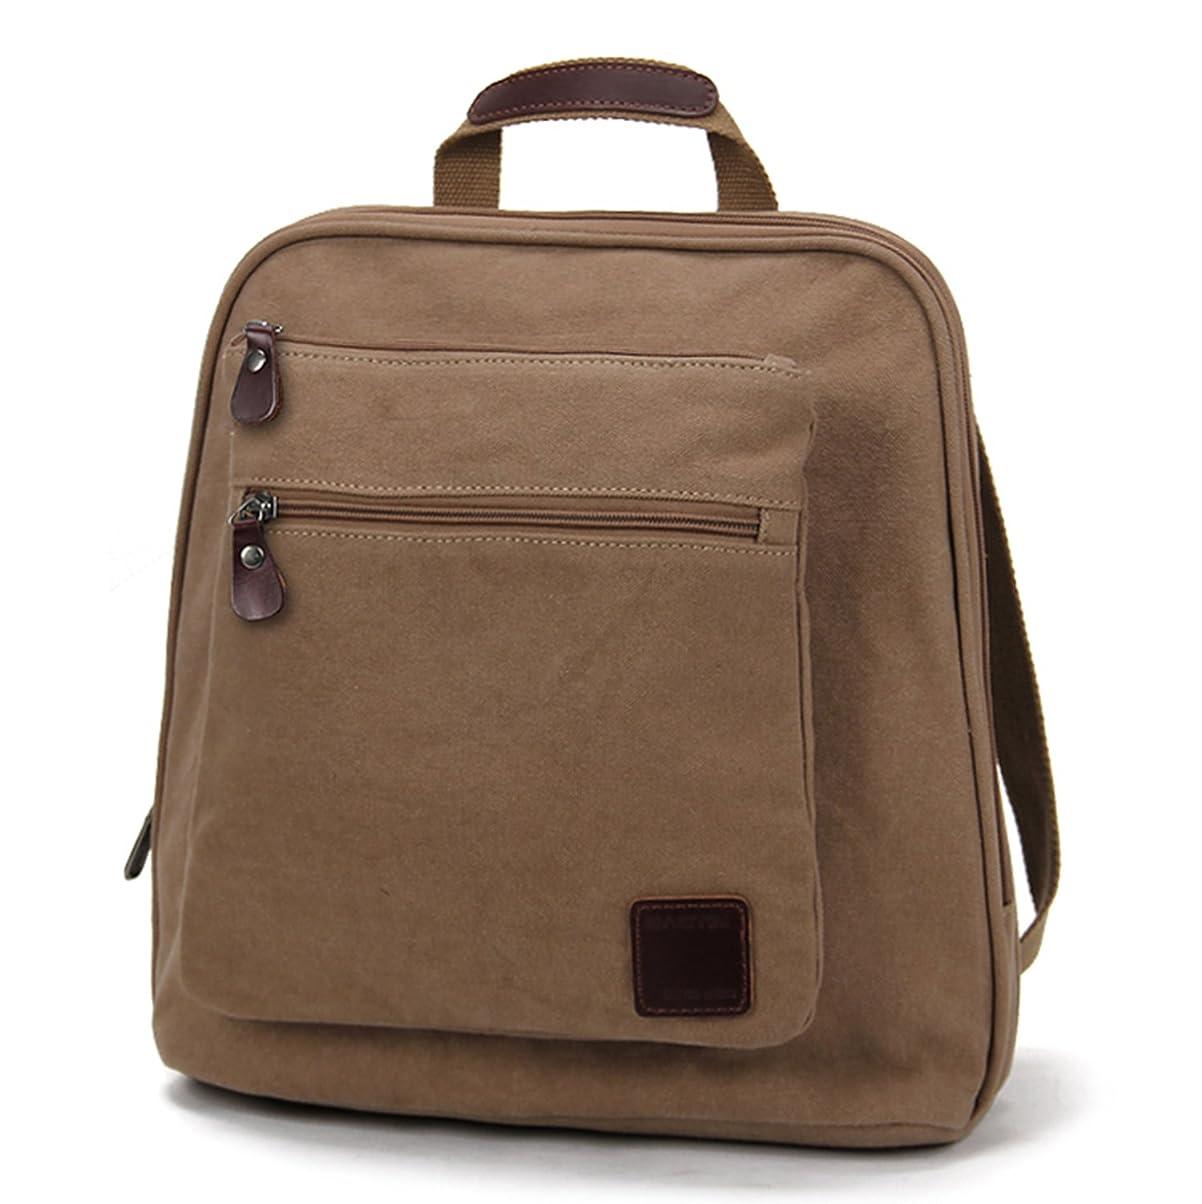 安息反応する原因高級 革 リュックサック 旅行 バッグ バック バックパック メンズ レディース レザー 皮 鞄 通勤 通学 軽量 大容量